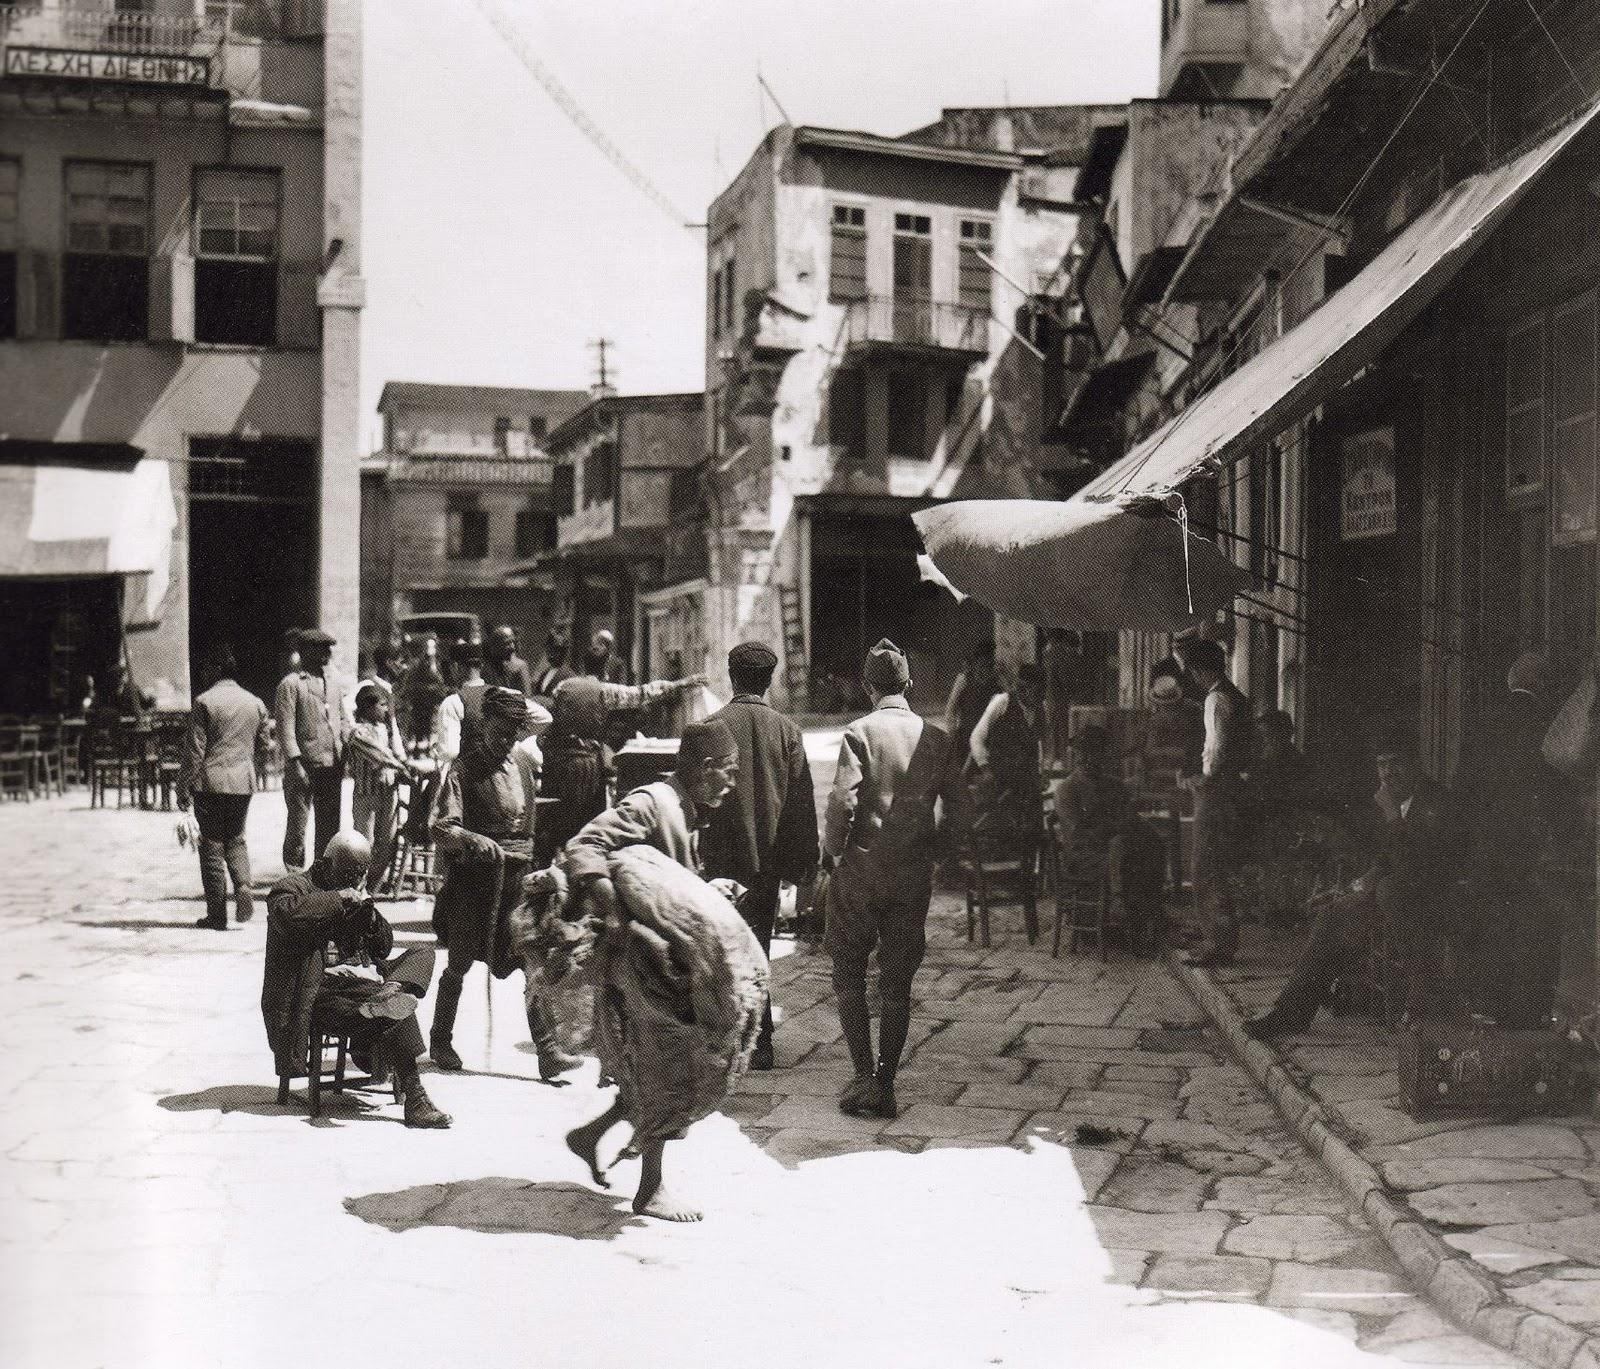 Χανιά - Πλατεία Μαυροβουνίου - 1911